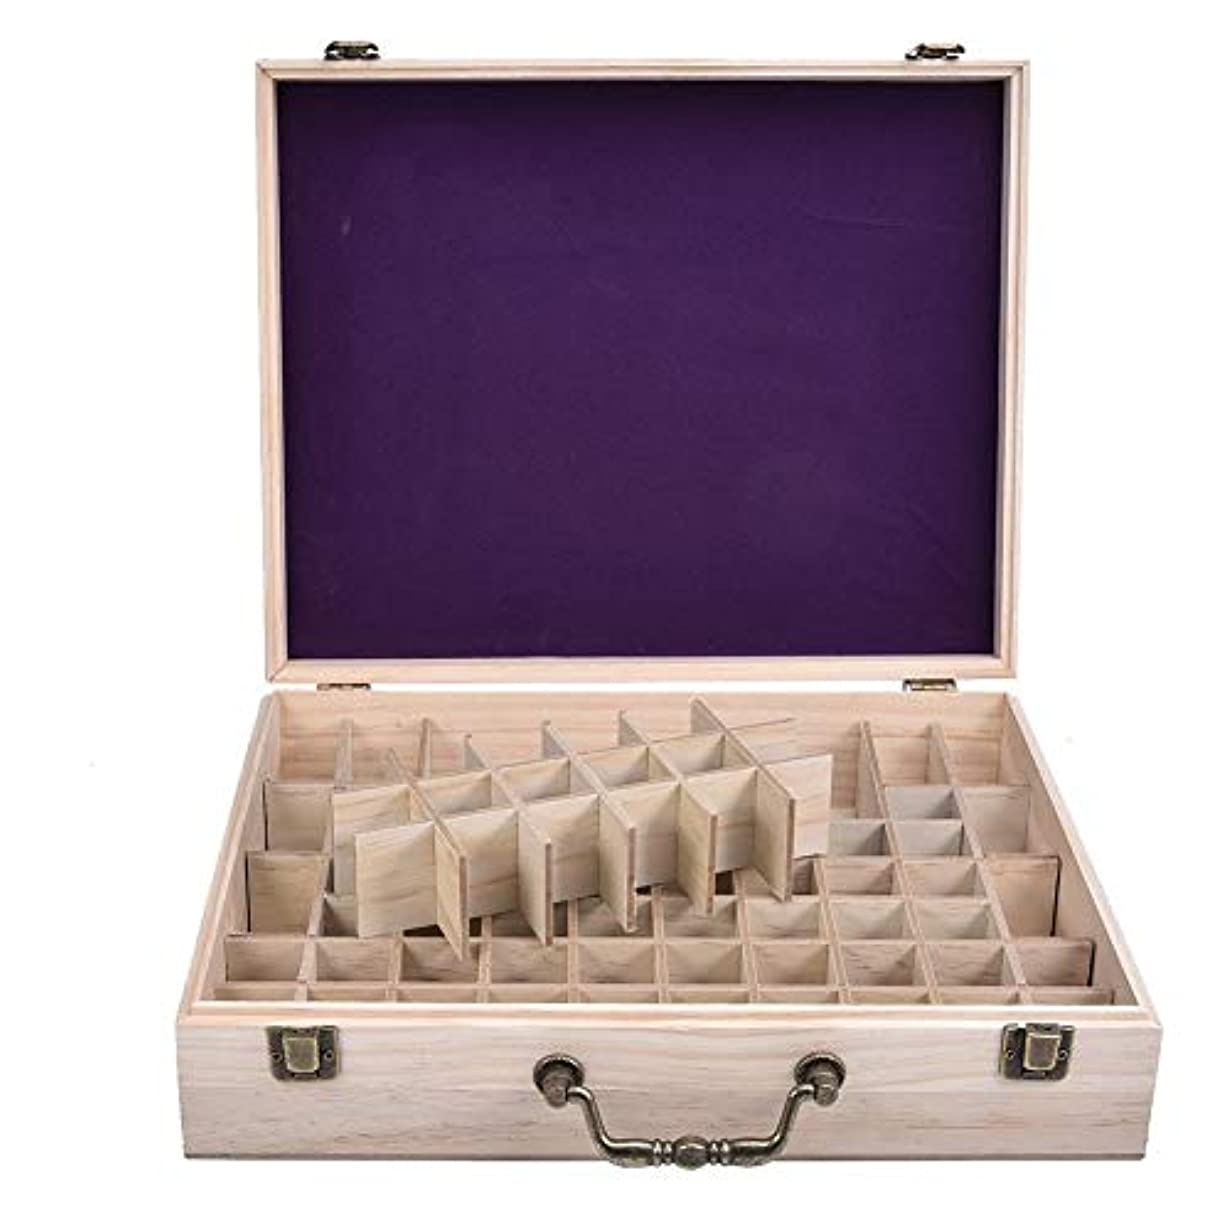 カスケード親愛な傀儡エッセンシャルオイル収納ケース 精油収納ボックス 木製 72本収納可能 大容量 取り外し可能なグリッド 5ml?10ml?15ml?115mlの精油ボルトに対応 junexi